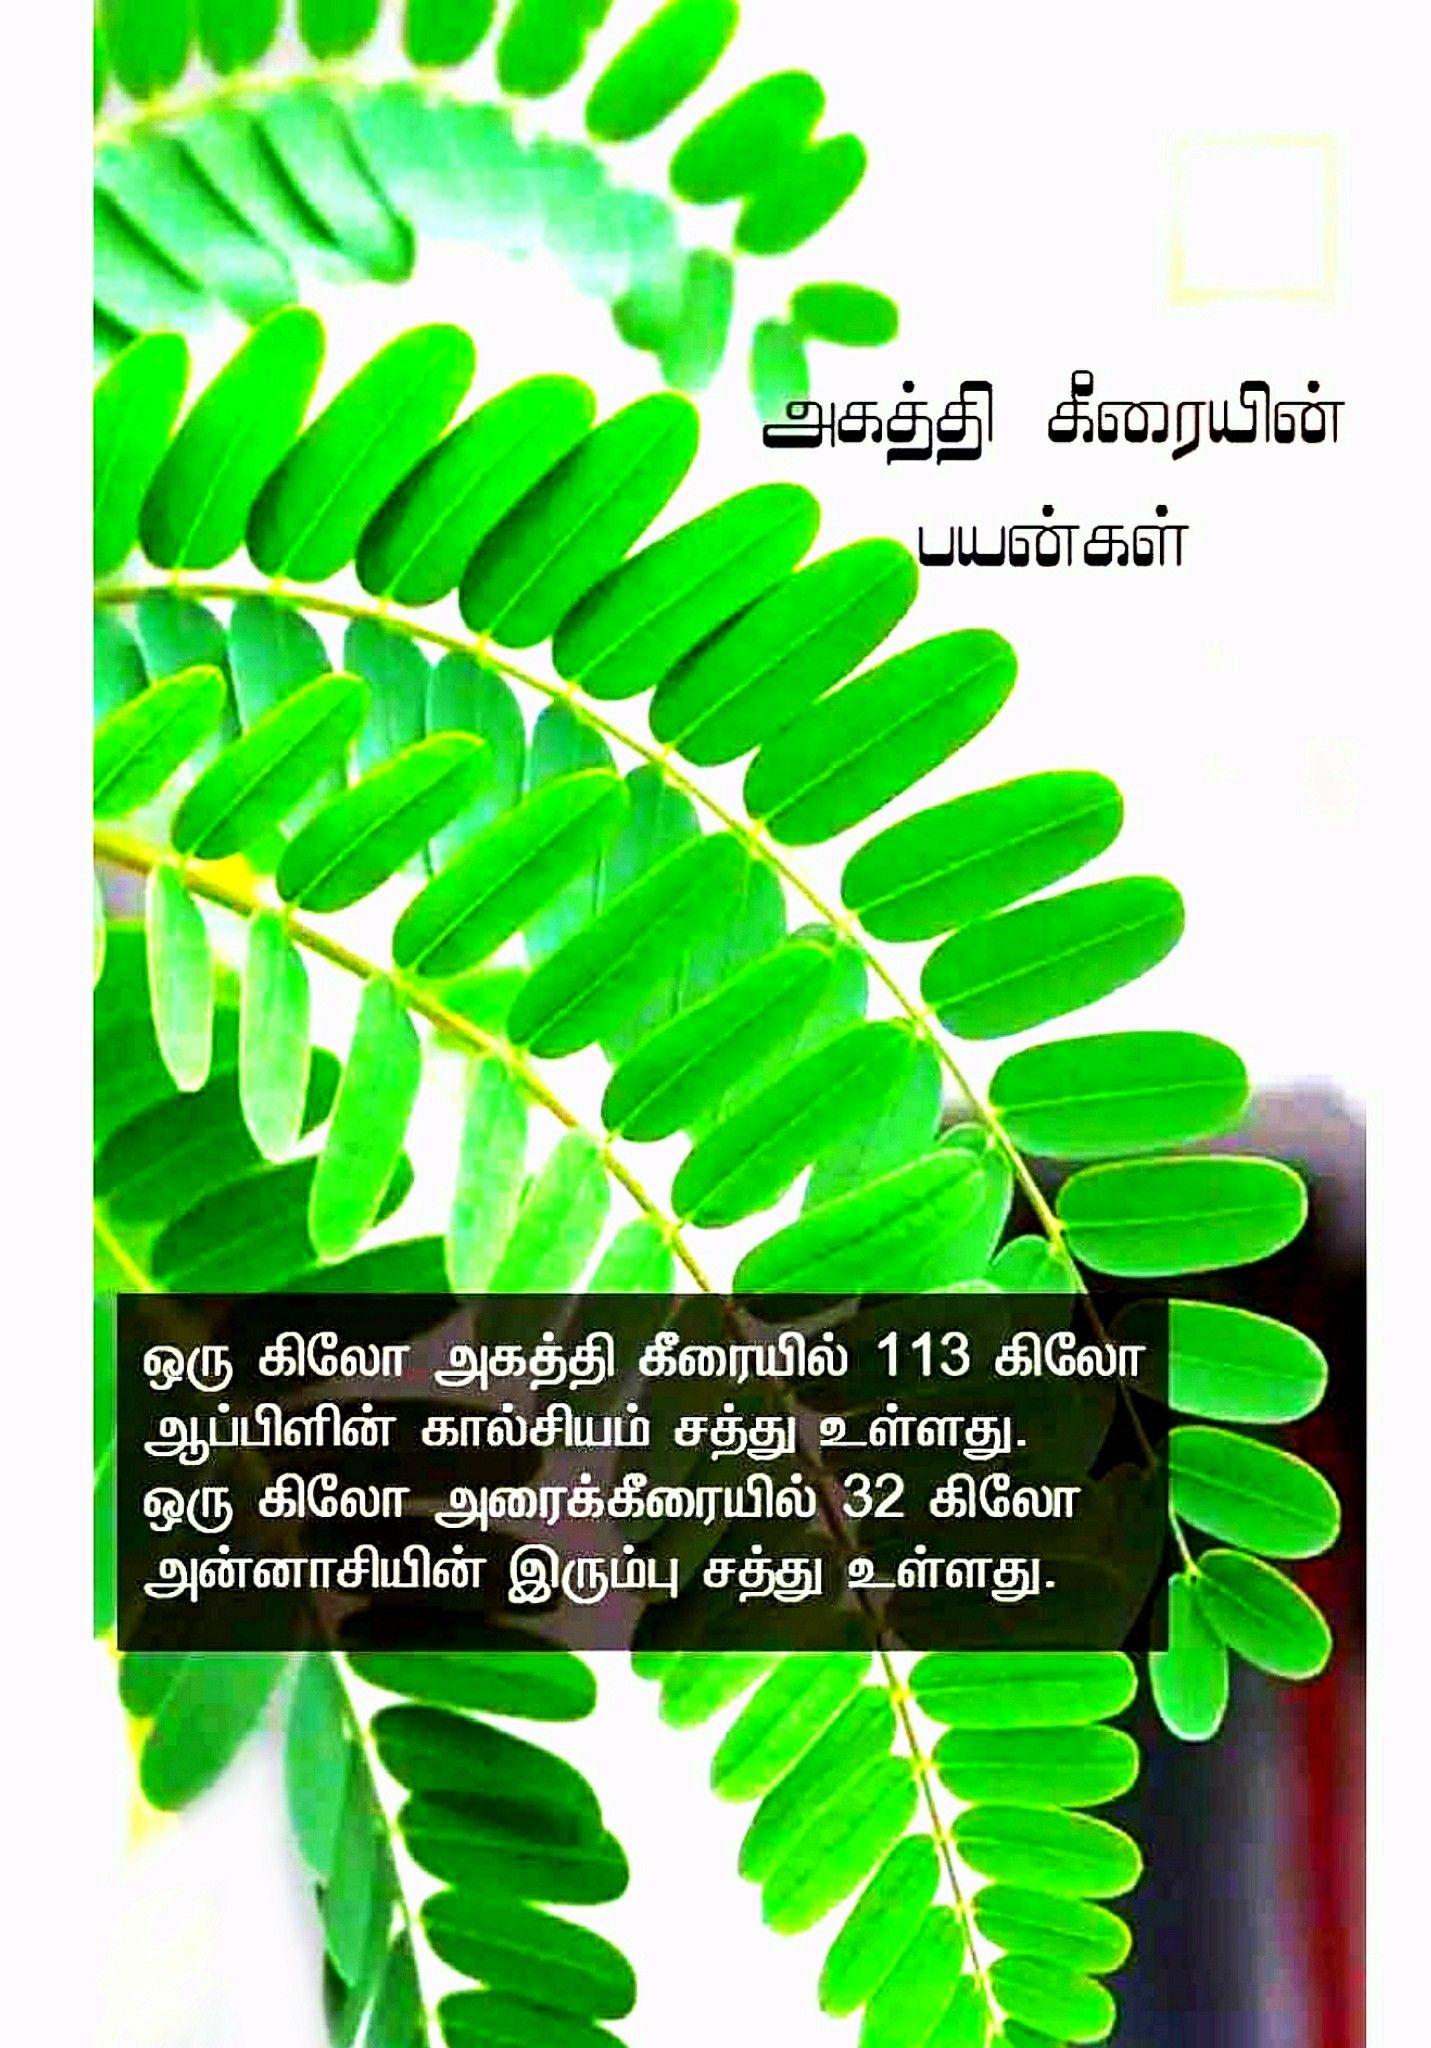 Pin by Vasu Chittoor AP SpeedZoneCate on Vasu, Chittoor